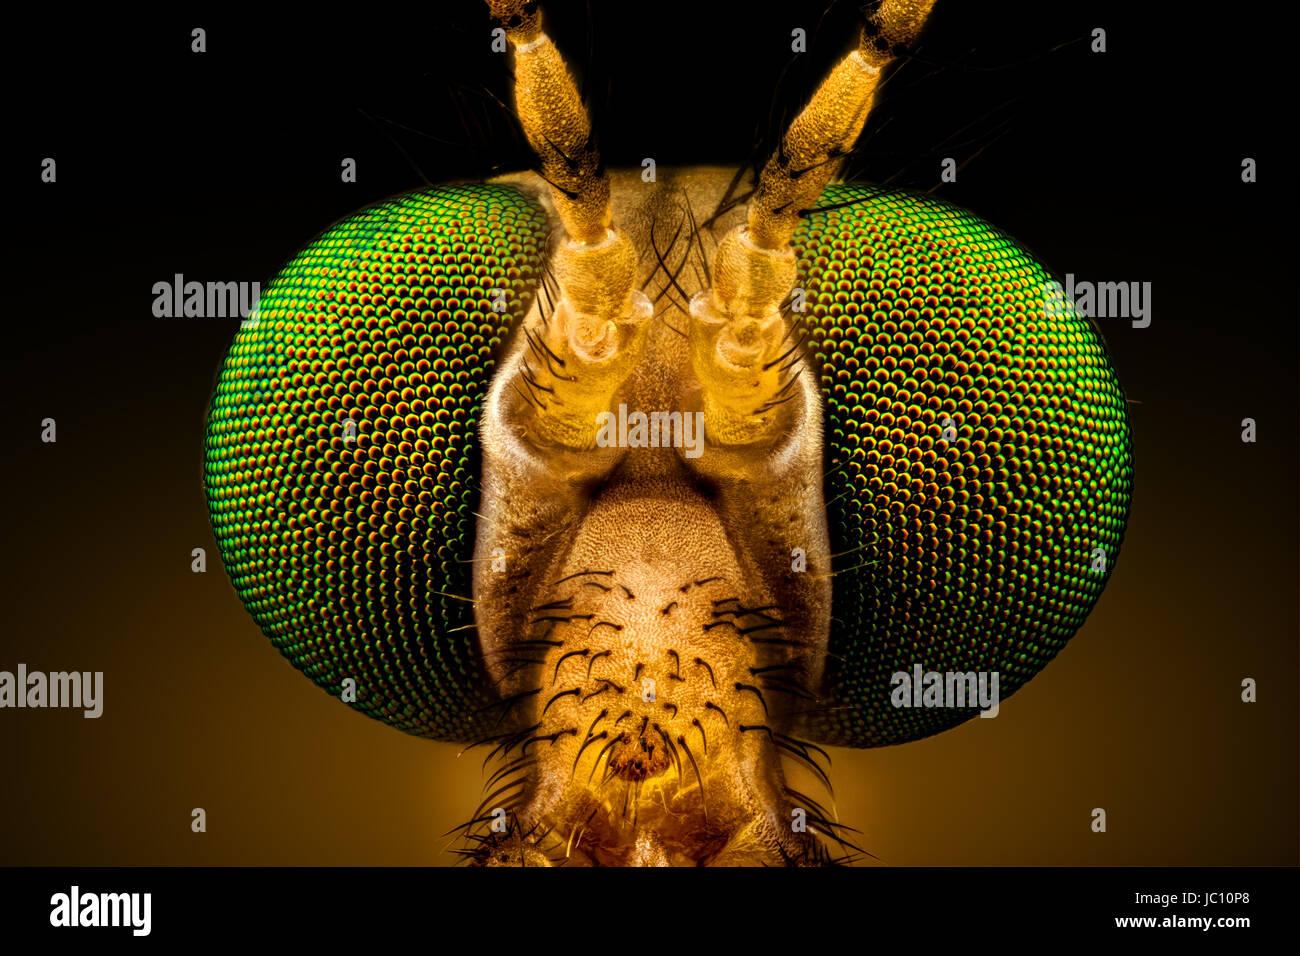 Macro extremo frontal completa - retrato de una grúa de ojos verdes volar, amplificado a través de un Imagen De Stock